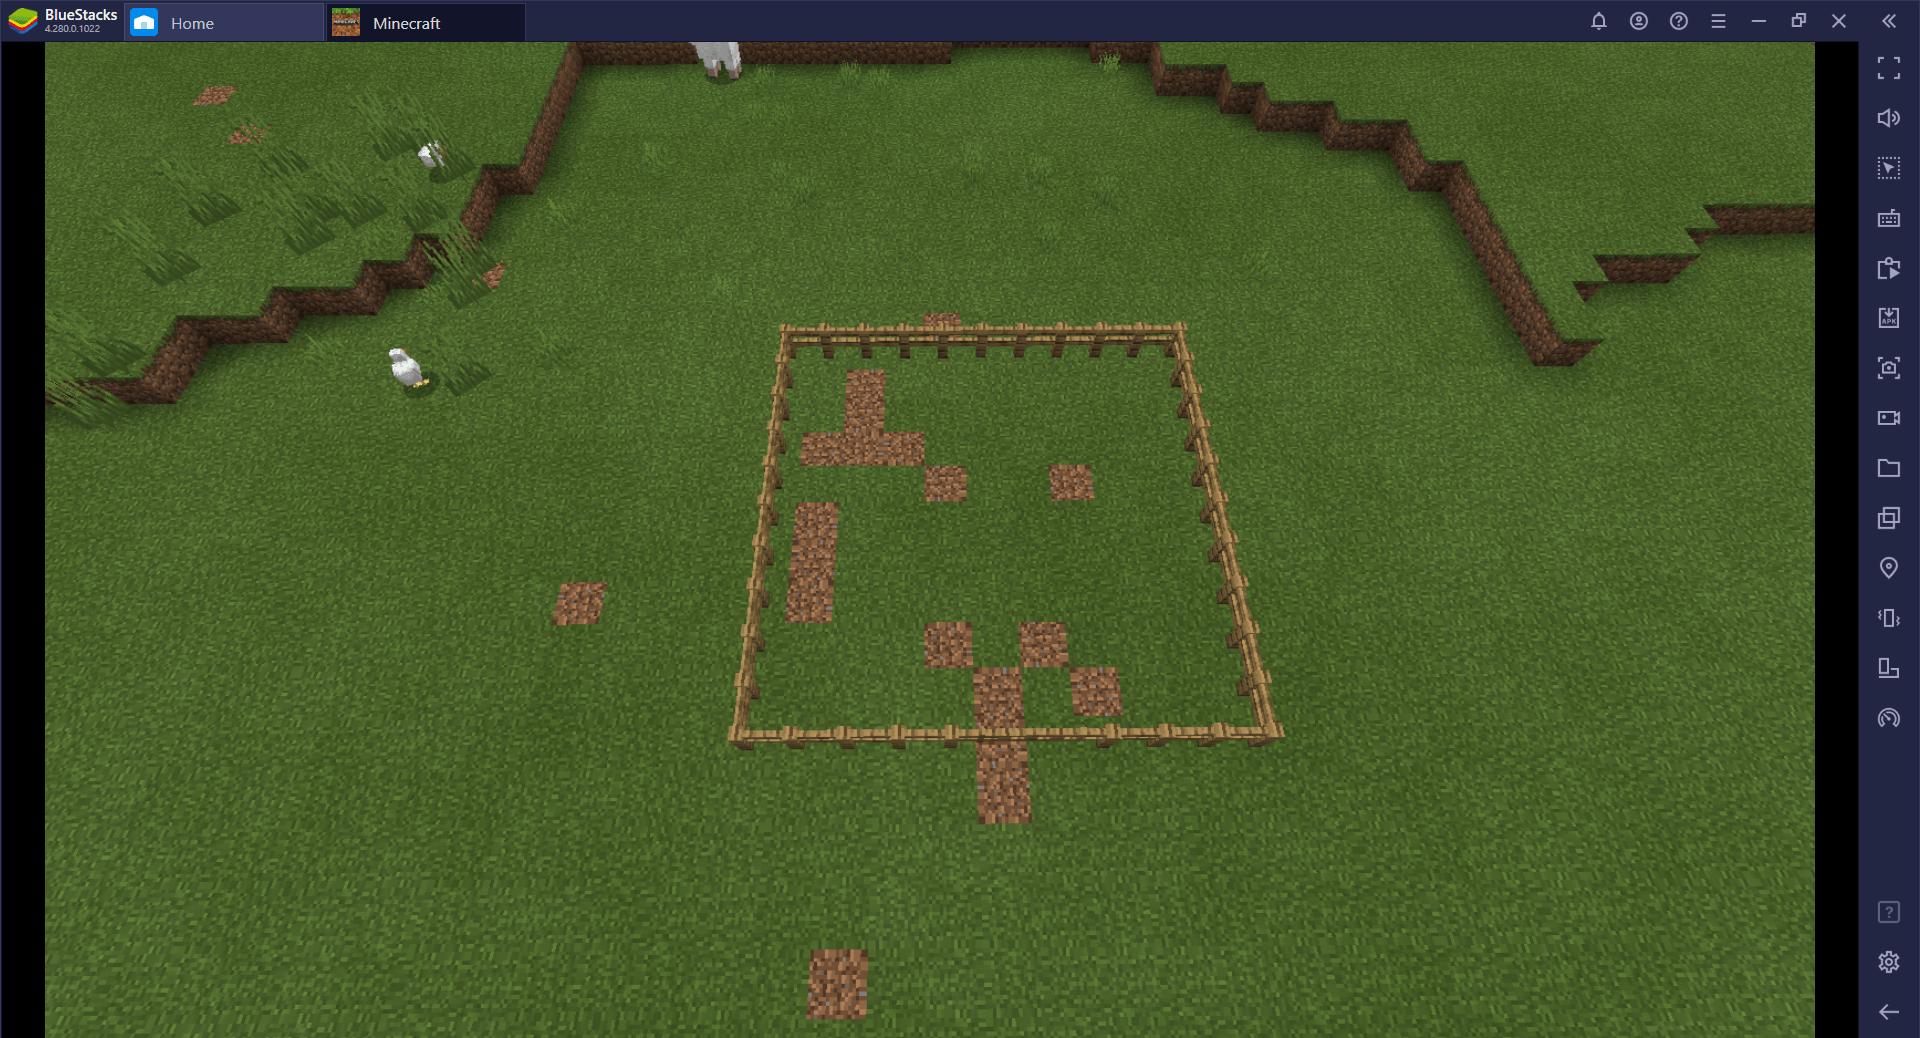 Minecraft auf dem PC – Leitfaden zum Aufbau einer guten Tierfarm